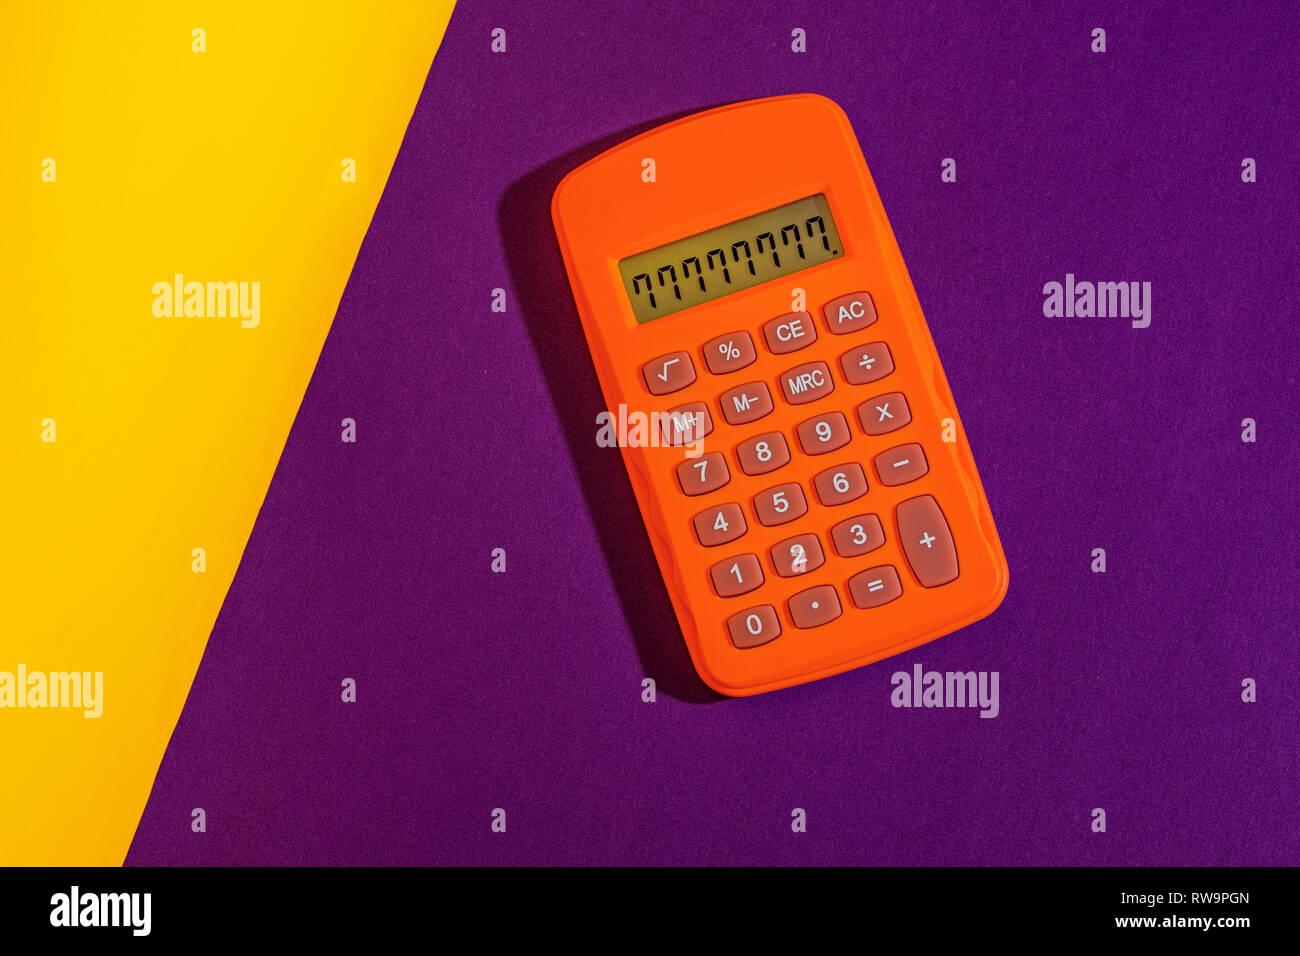 Un studio graphique photo d'une calculatrice d'orange sur un fond jaune et pourpre. Banque D'Images